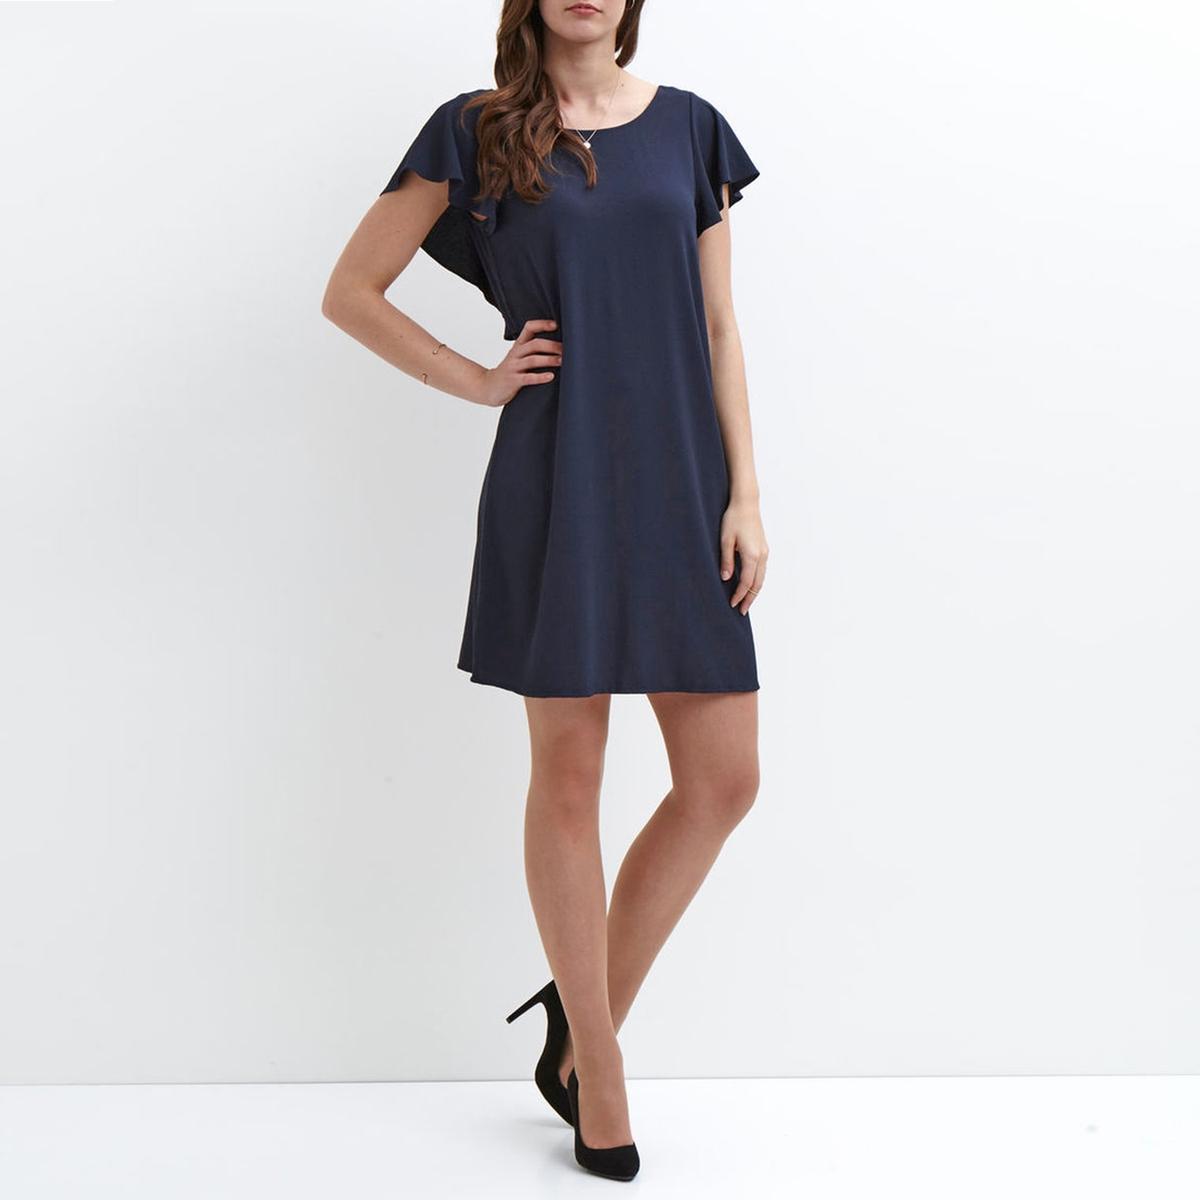 Платье короткое с рукавами с воланамиДетали  •  Форма : прямая •  Укороченная модель •  Короткие рукава    •  Круглый вырезСостав и уход  •  100% полиэстер •  Следуйте рекомендациям по уходу, указанным на этикетке изделия<br><br>Цвет: темно-синий